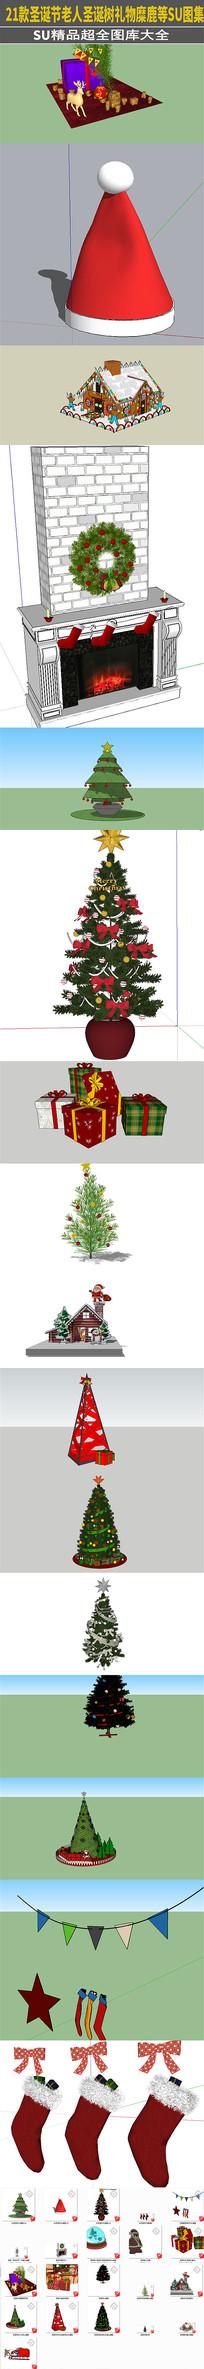 21款圣诞节老人圣诞树礼物糜鹿等SU图集